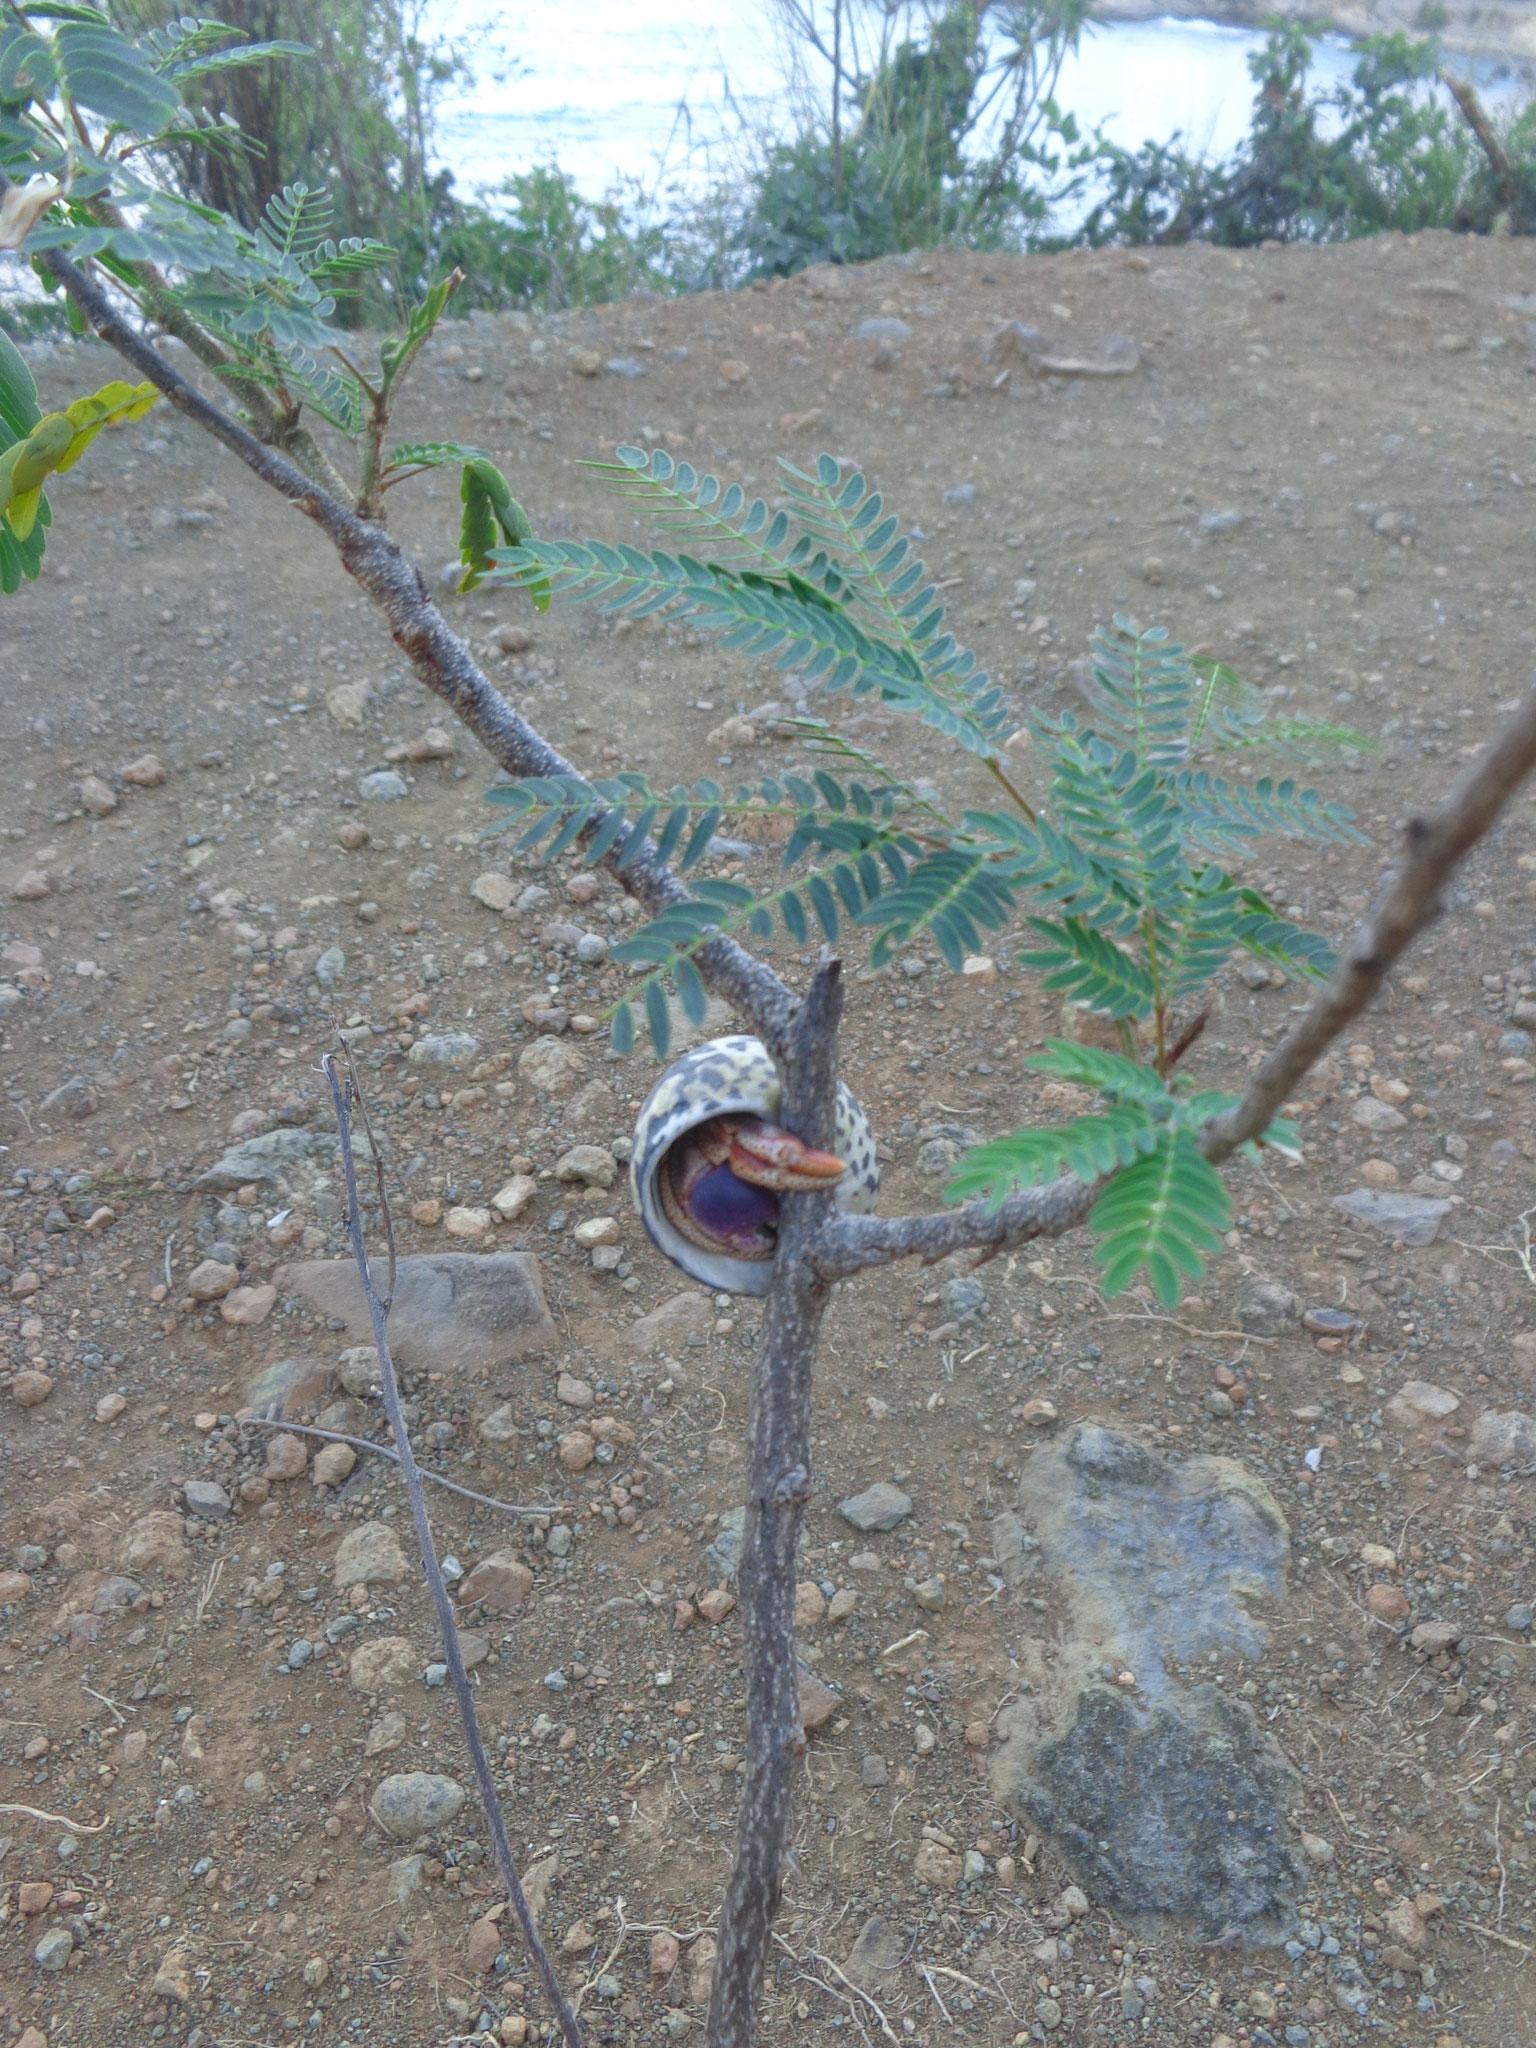 Et des Bernards l'Hermite qui grimpent aux arbres ??